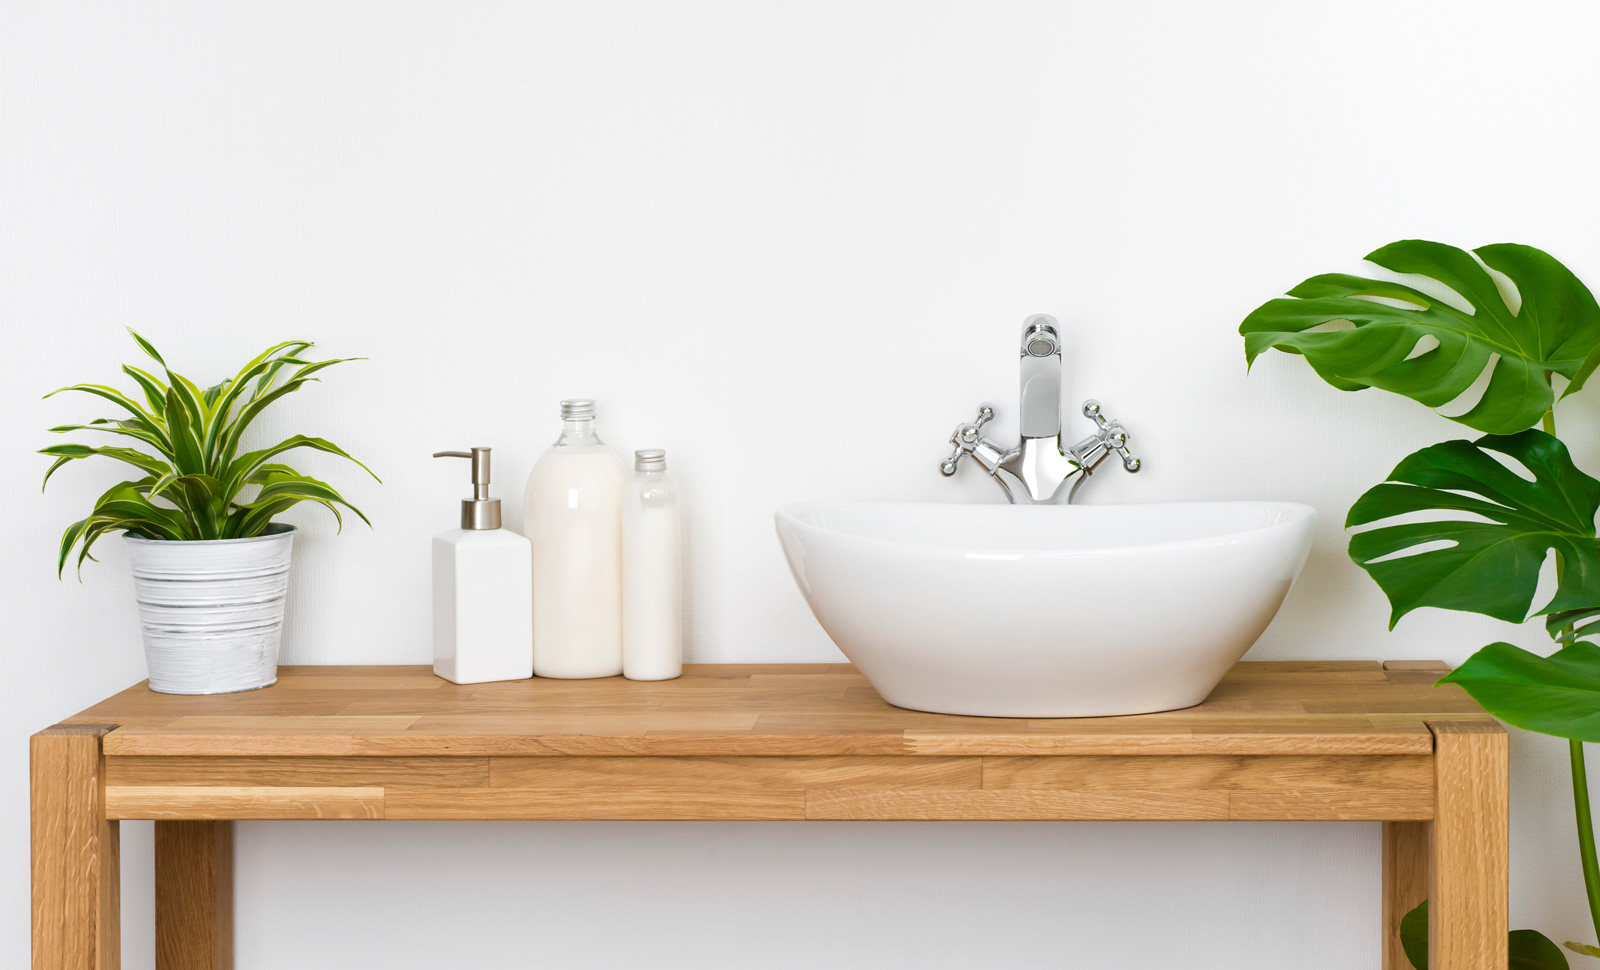 Im Trend: Waschbecken ohne Fliesenspiegel. Verwende dazu spezielle Feuchtraumfarbe.